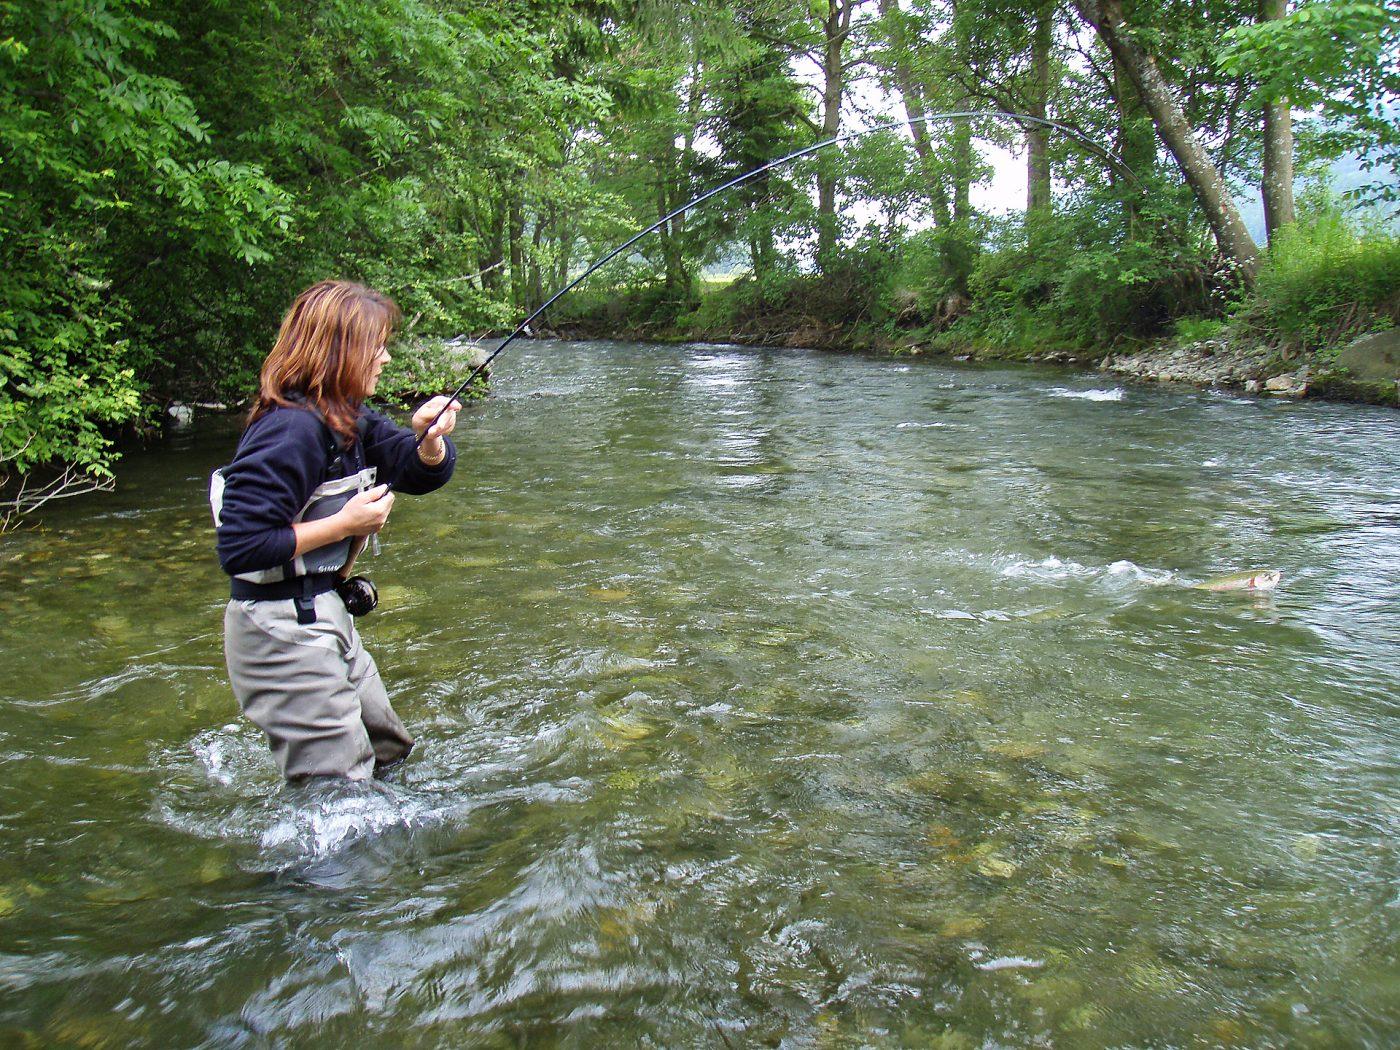 Fliegenfischen mit Streamer im Fluss